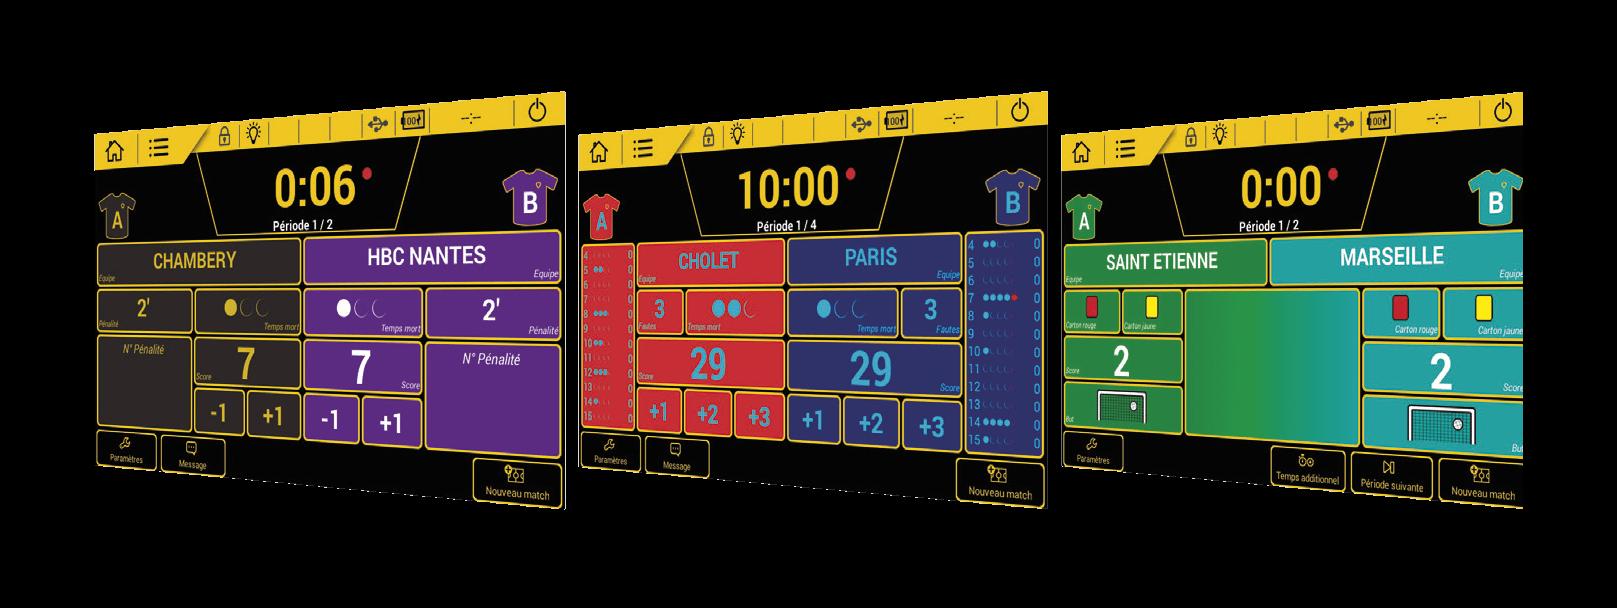 Scorepad - Ultrapersonalizable